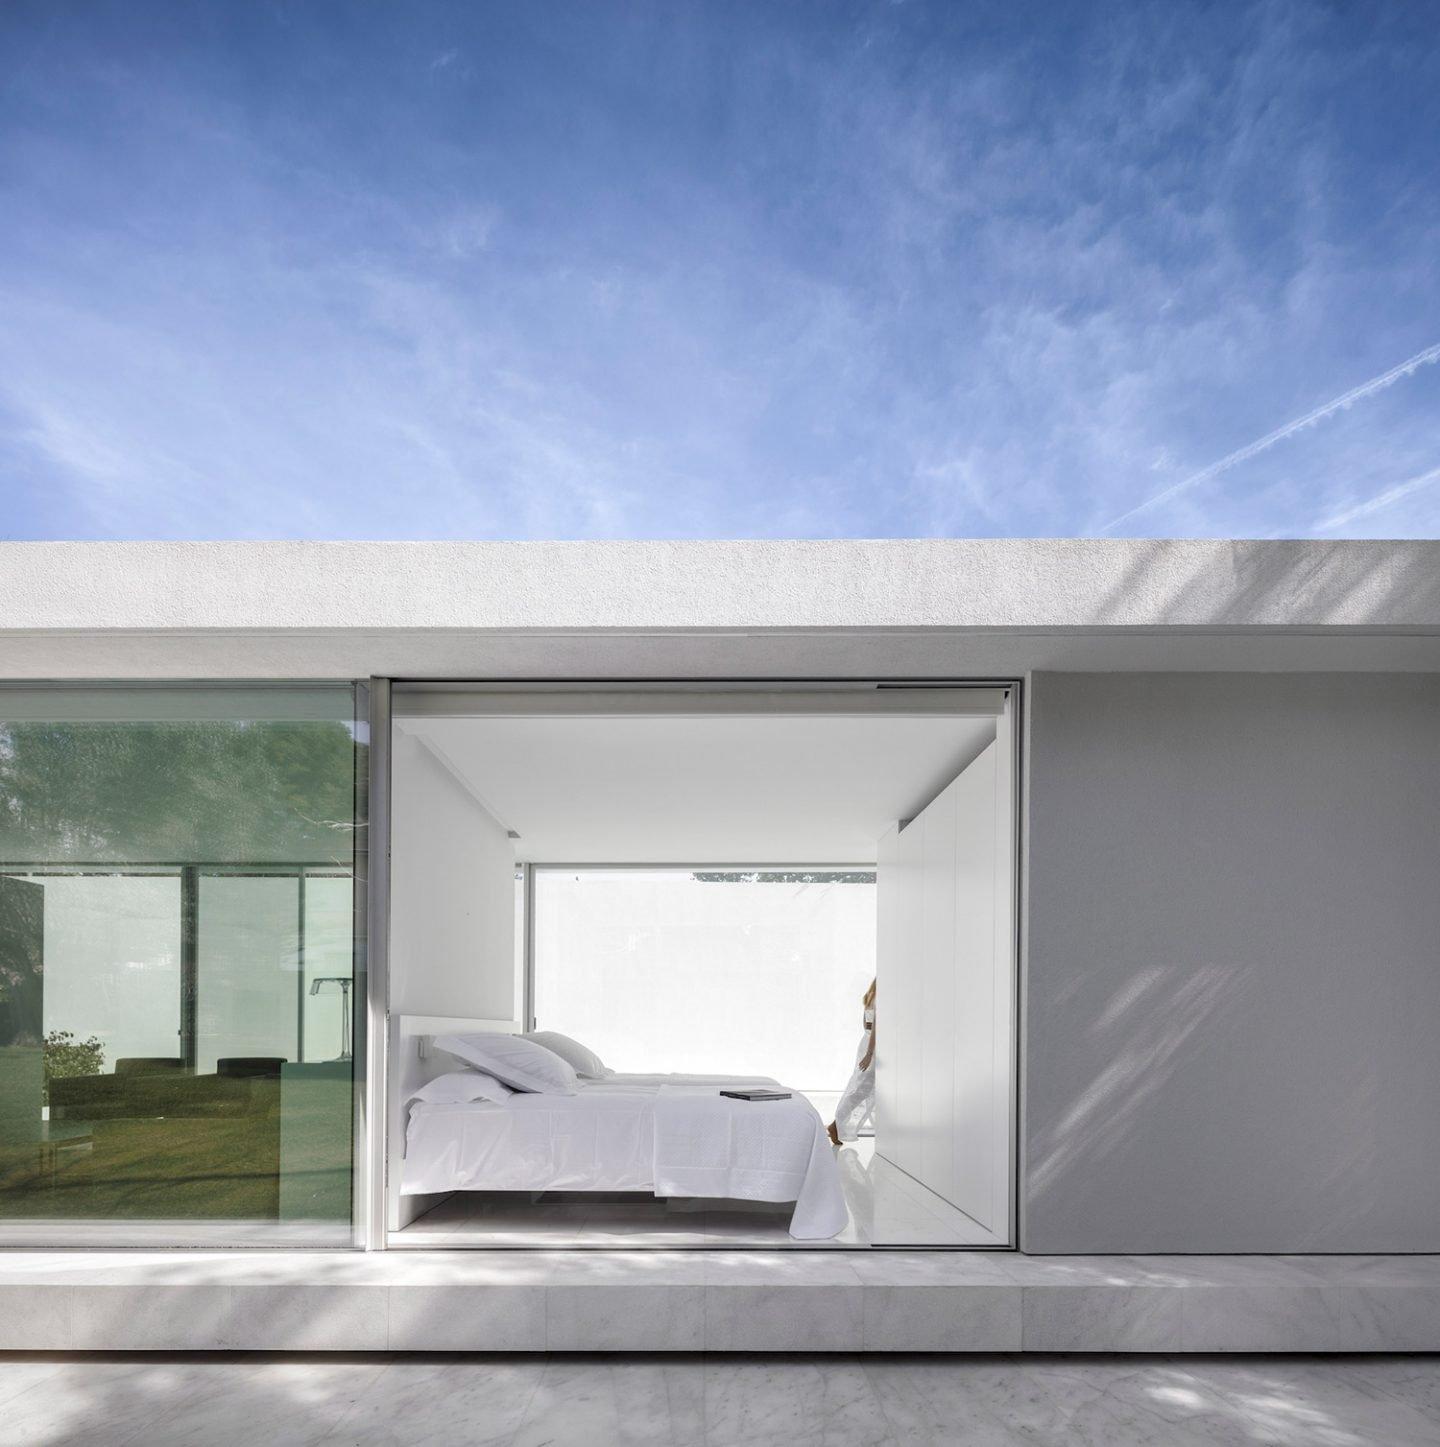 iGNANT_Architecture_Fran_Silvestre_Arquitectos_Guest_Pavilion_Valencia_2